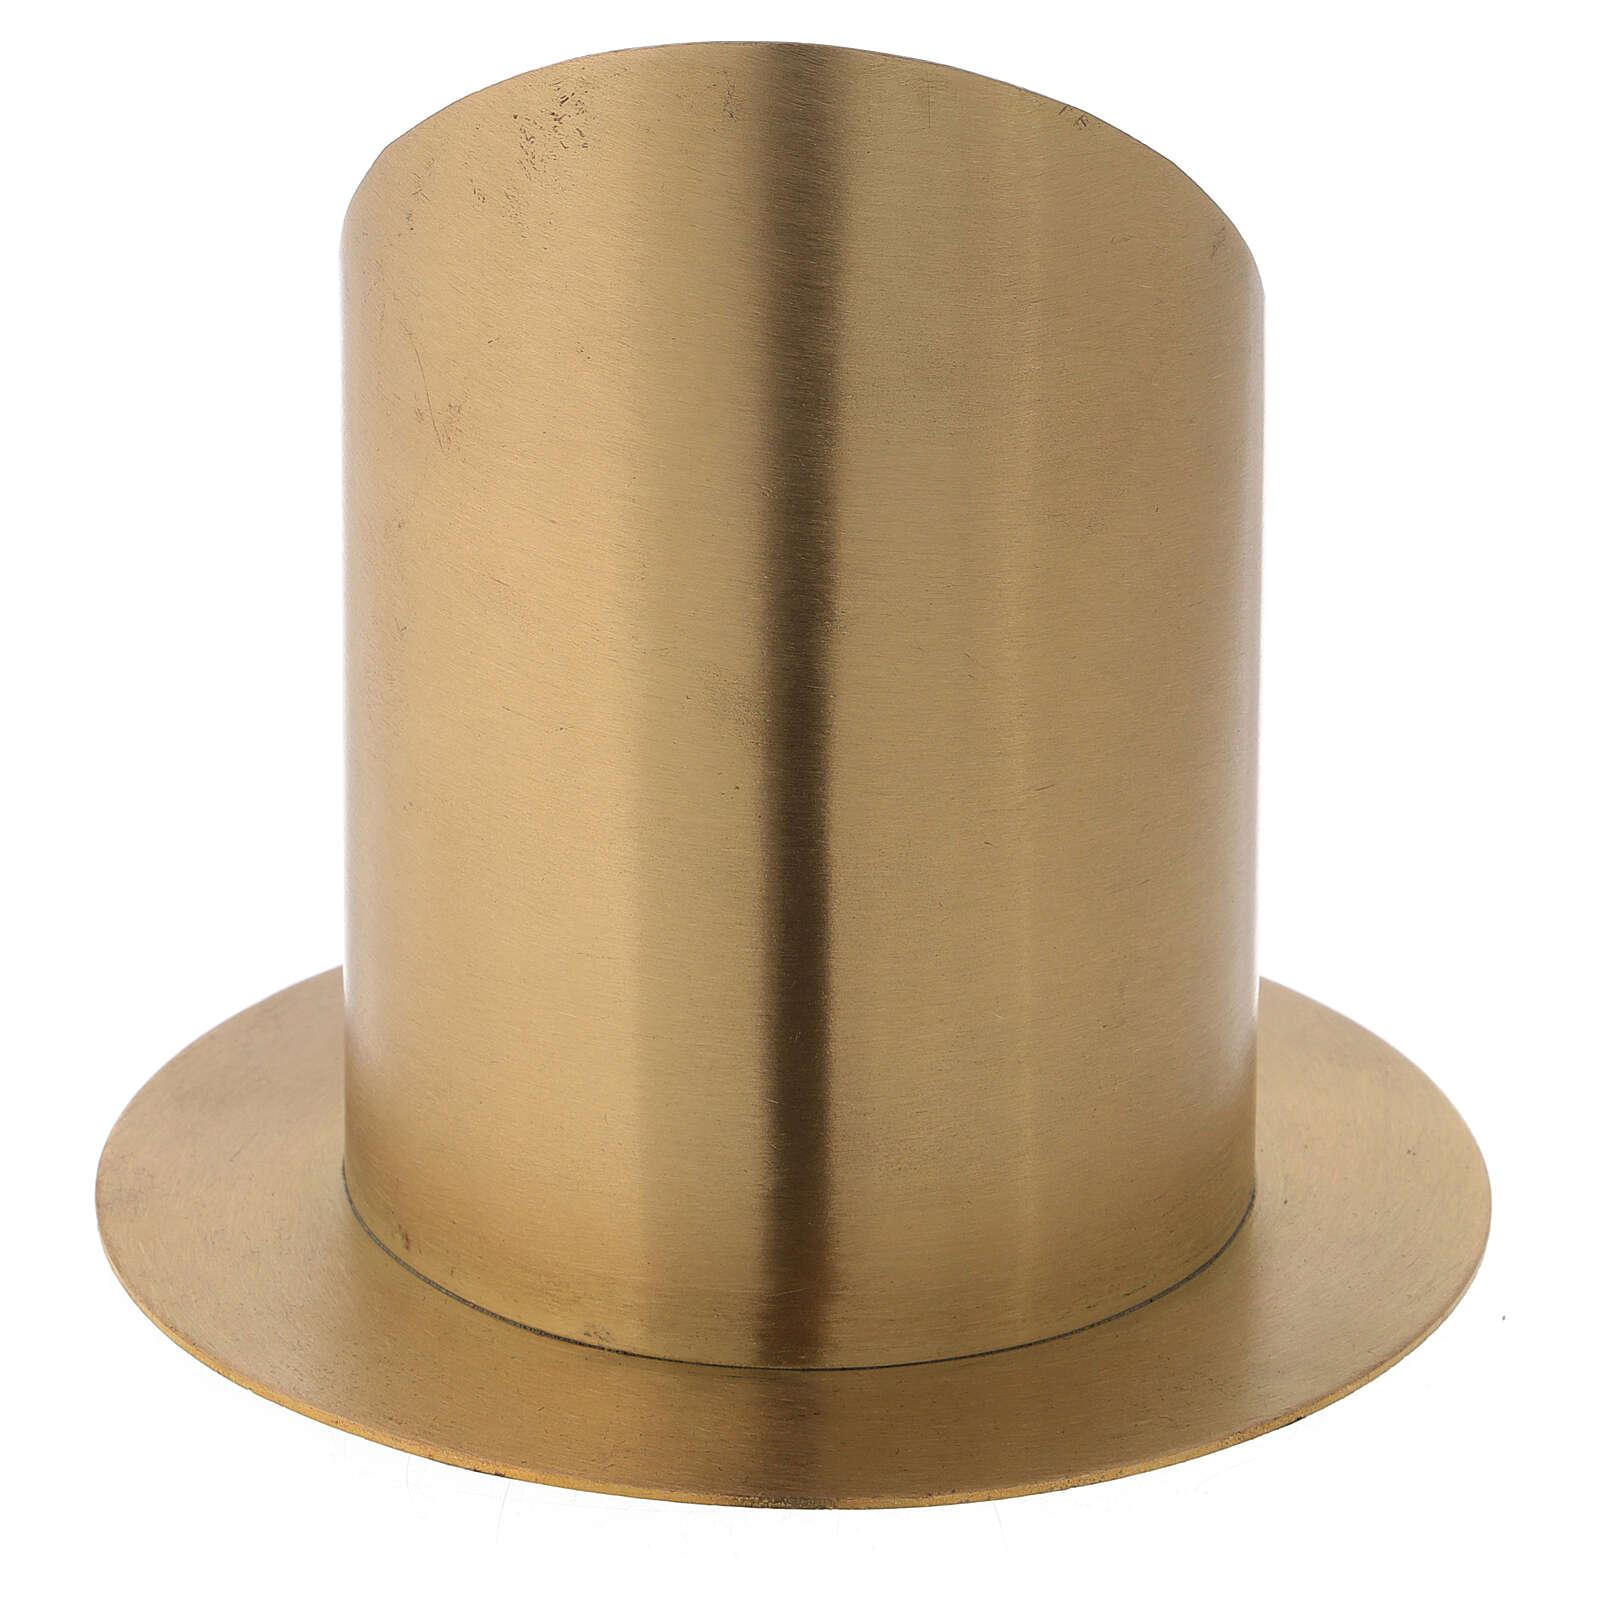 Portacandela ottone nichelato satinato fronte aperto d. 10 cm 4